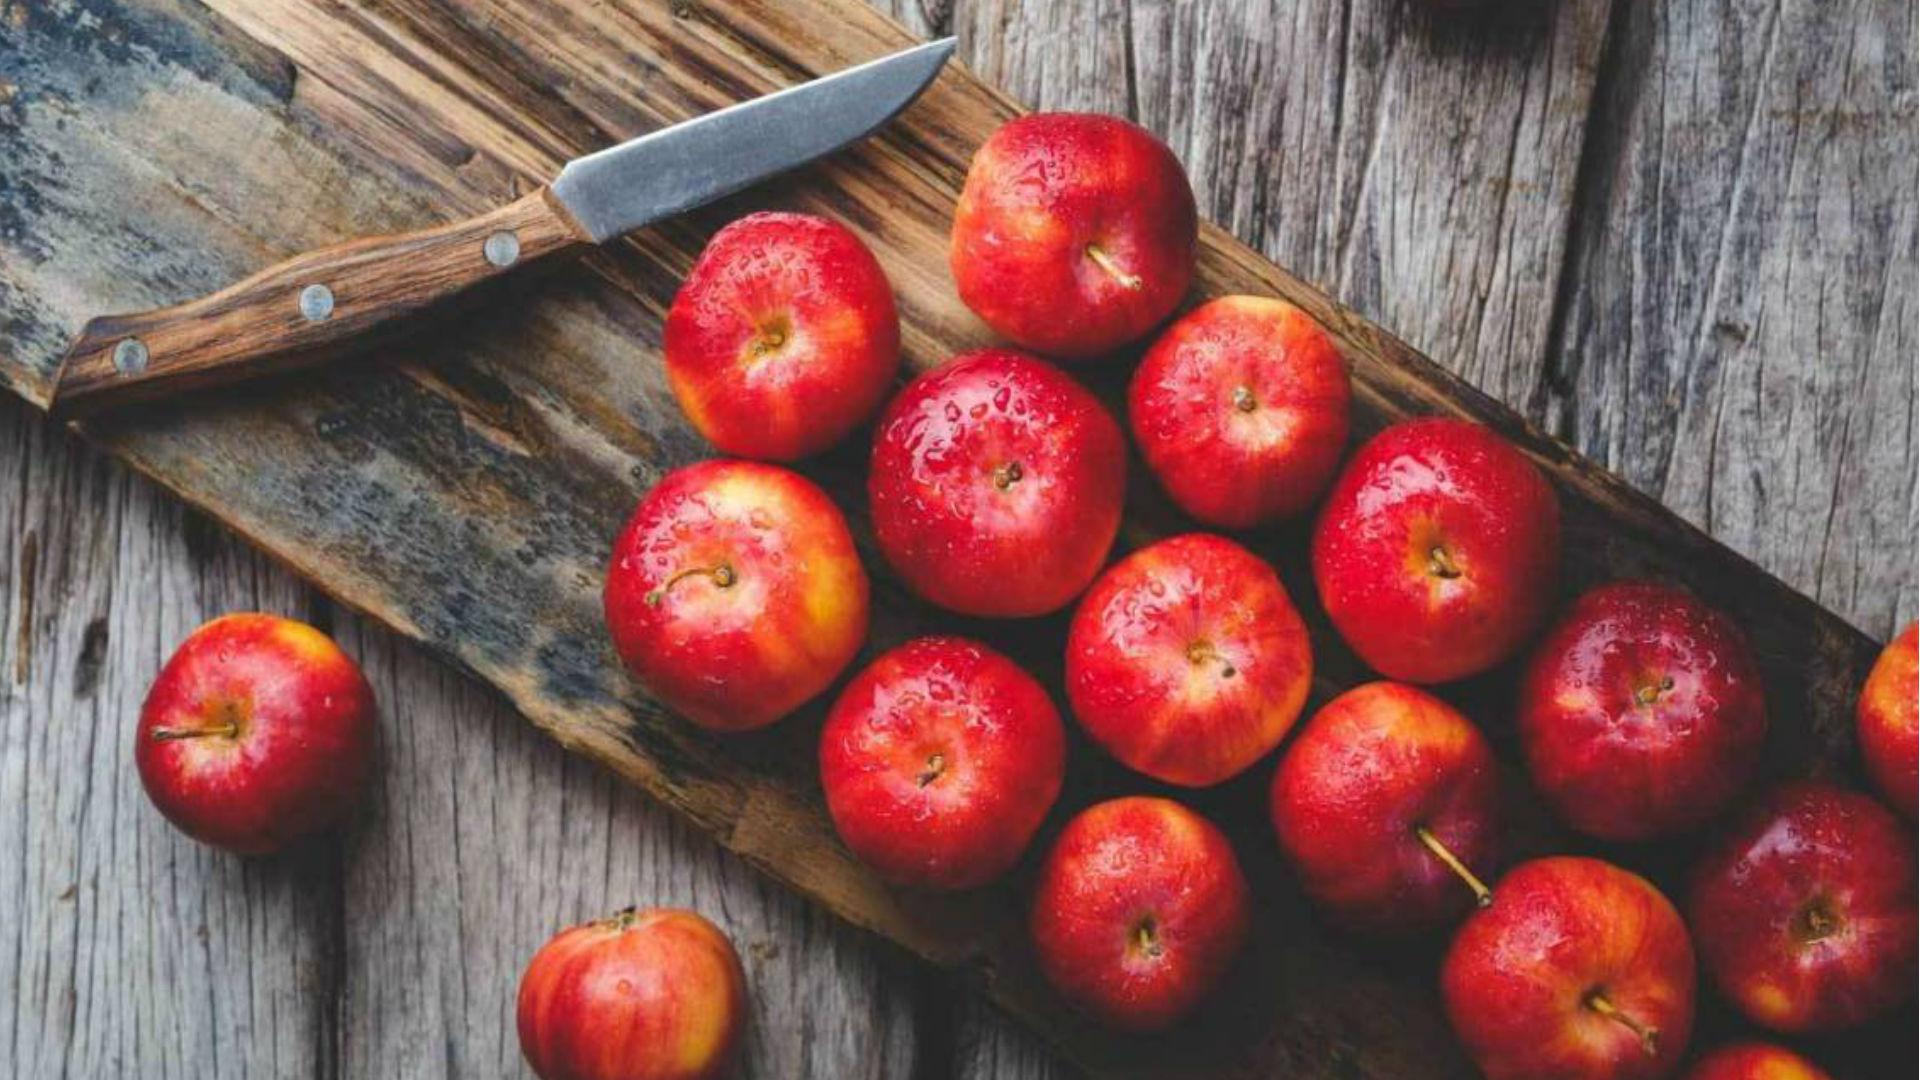 Health Care Tips: एक सेब फायदे अनेक, इस तरह करेंगे इस फल का सेवन, तो बीमारियों से रहेंगे हमेशा दूर